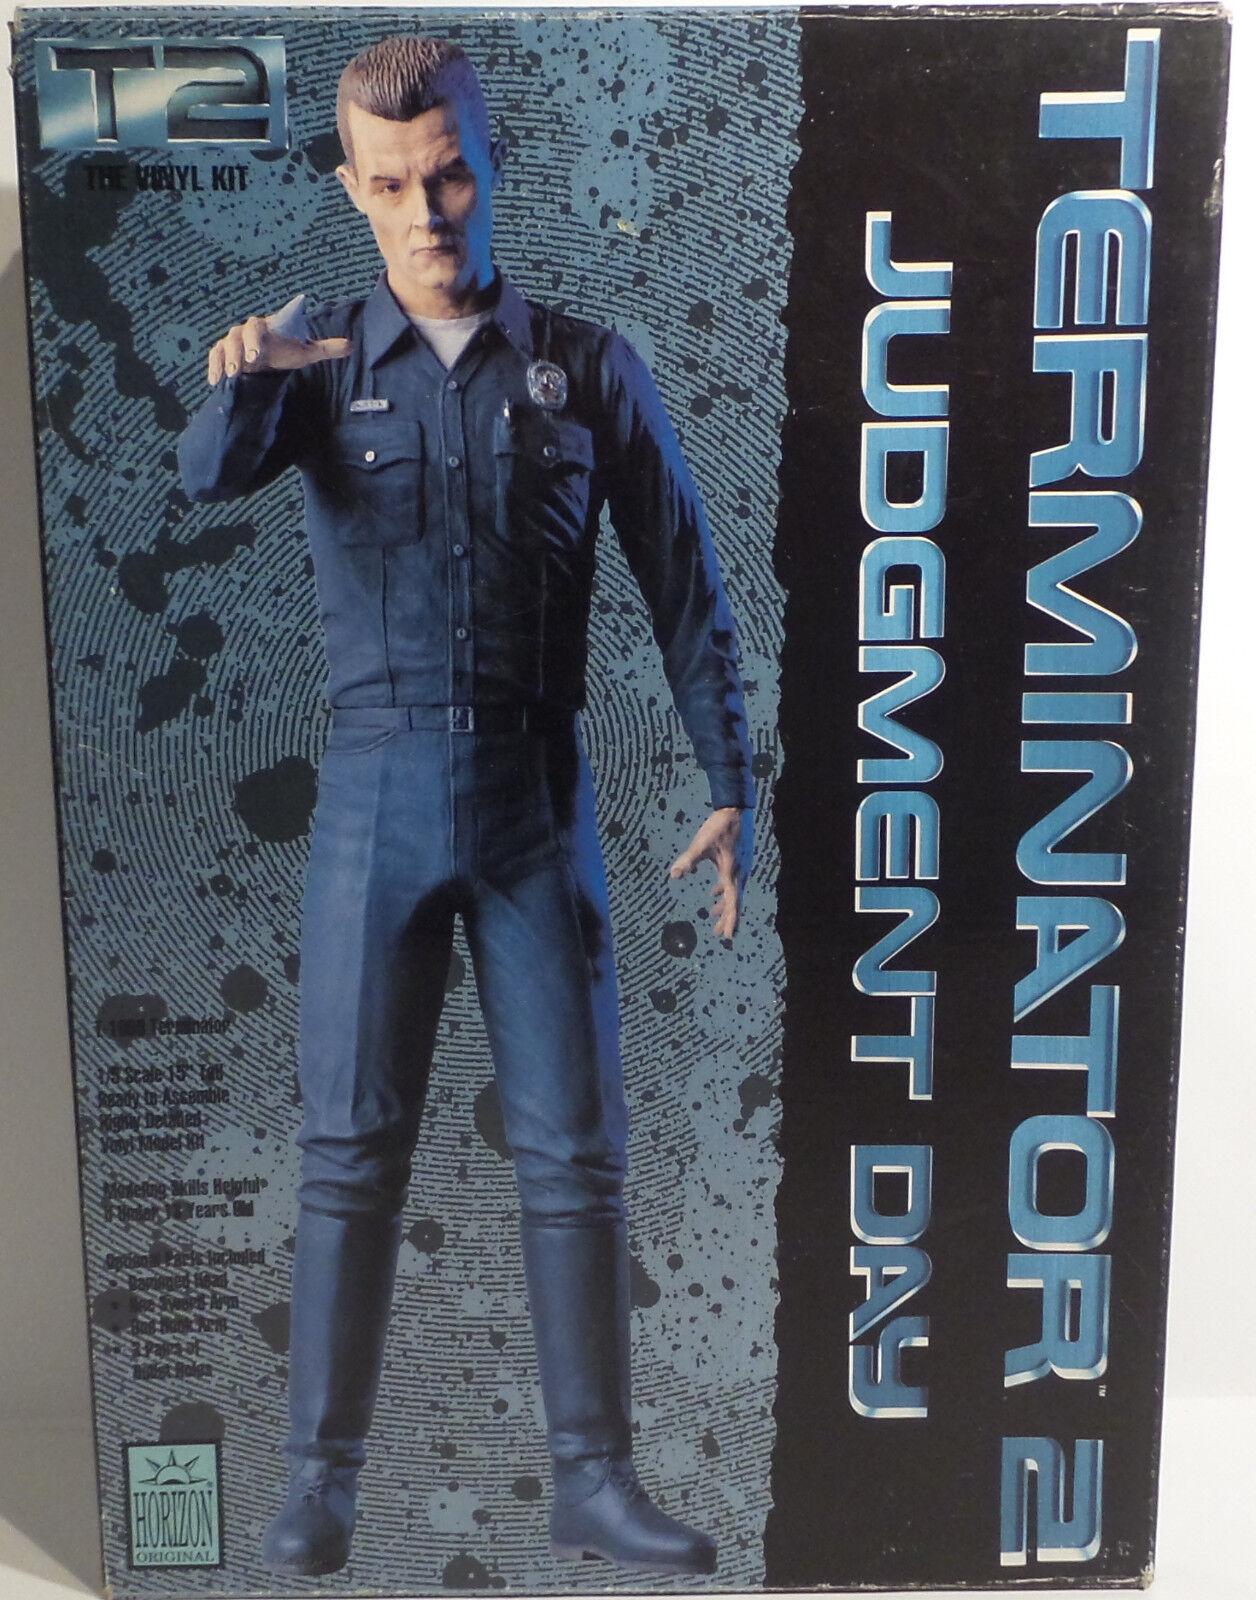 Terminator 2  1 5 échelle T-1000 vinyl model kit fabriqué par horizon en 1991.